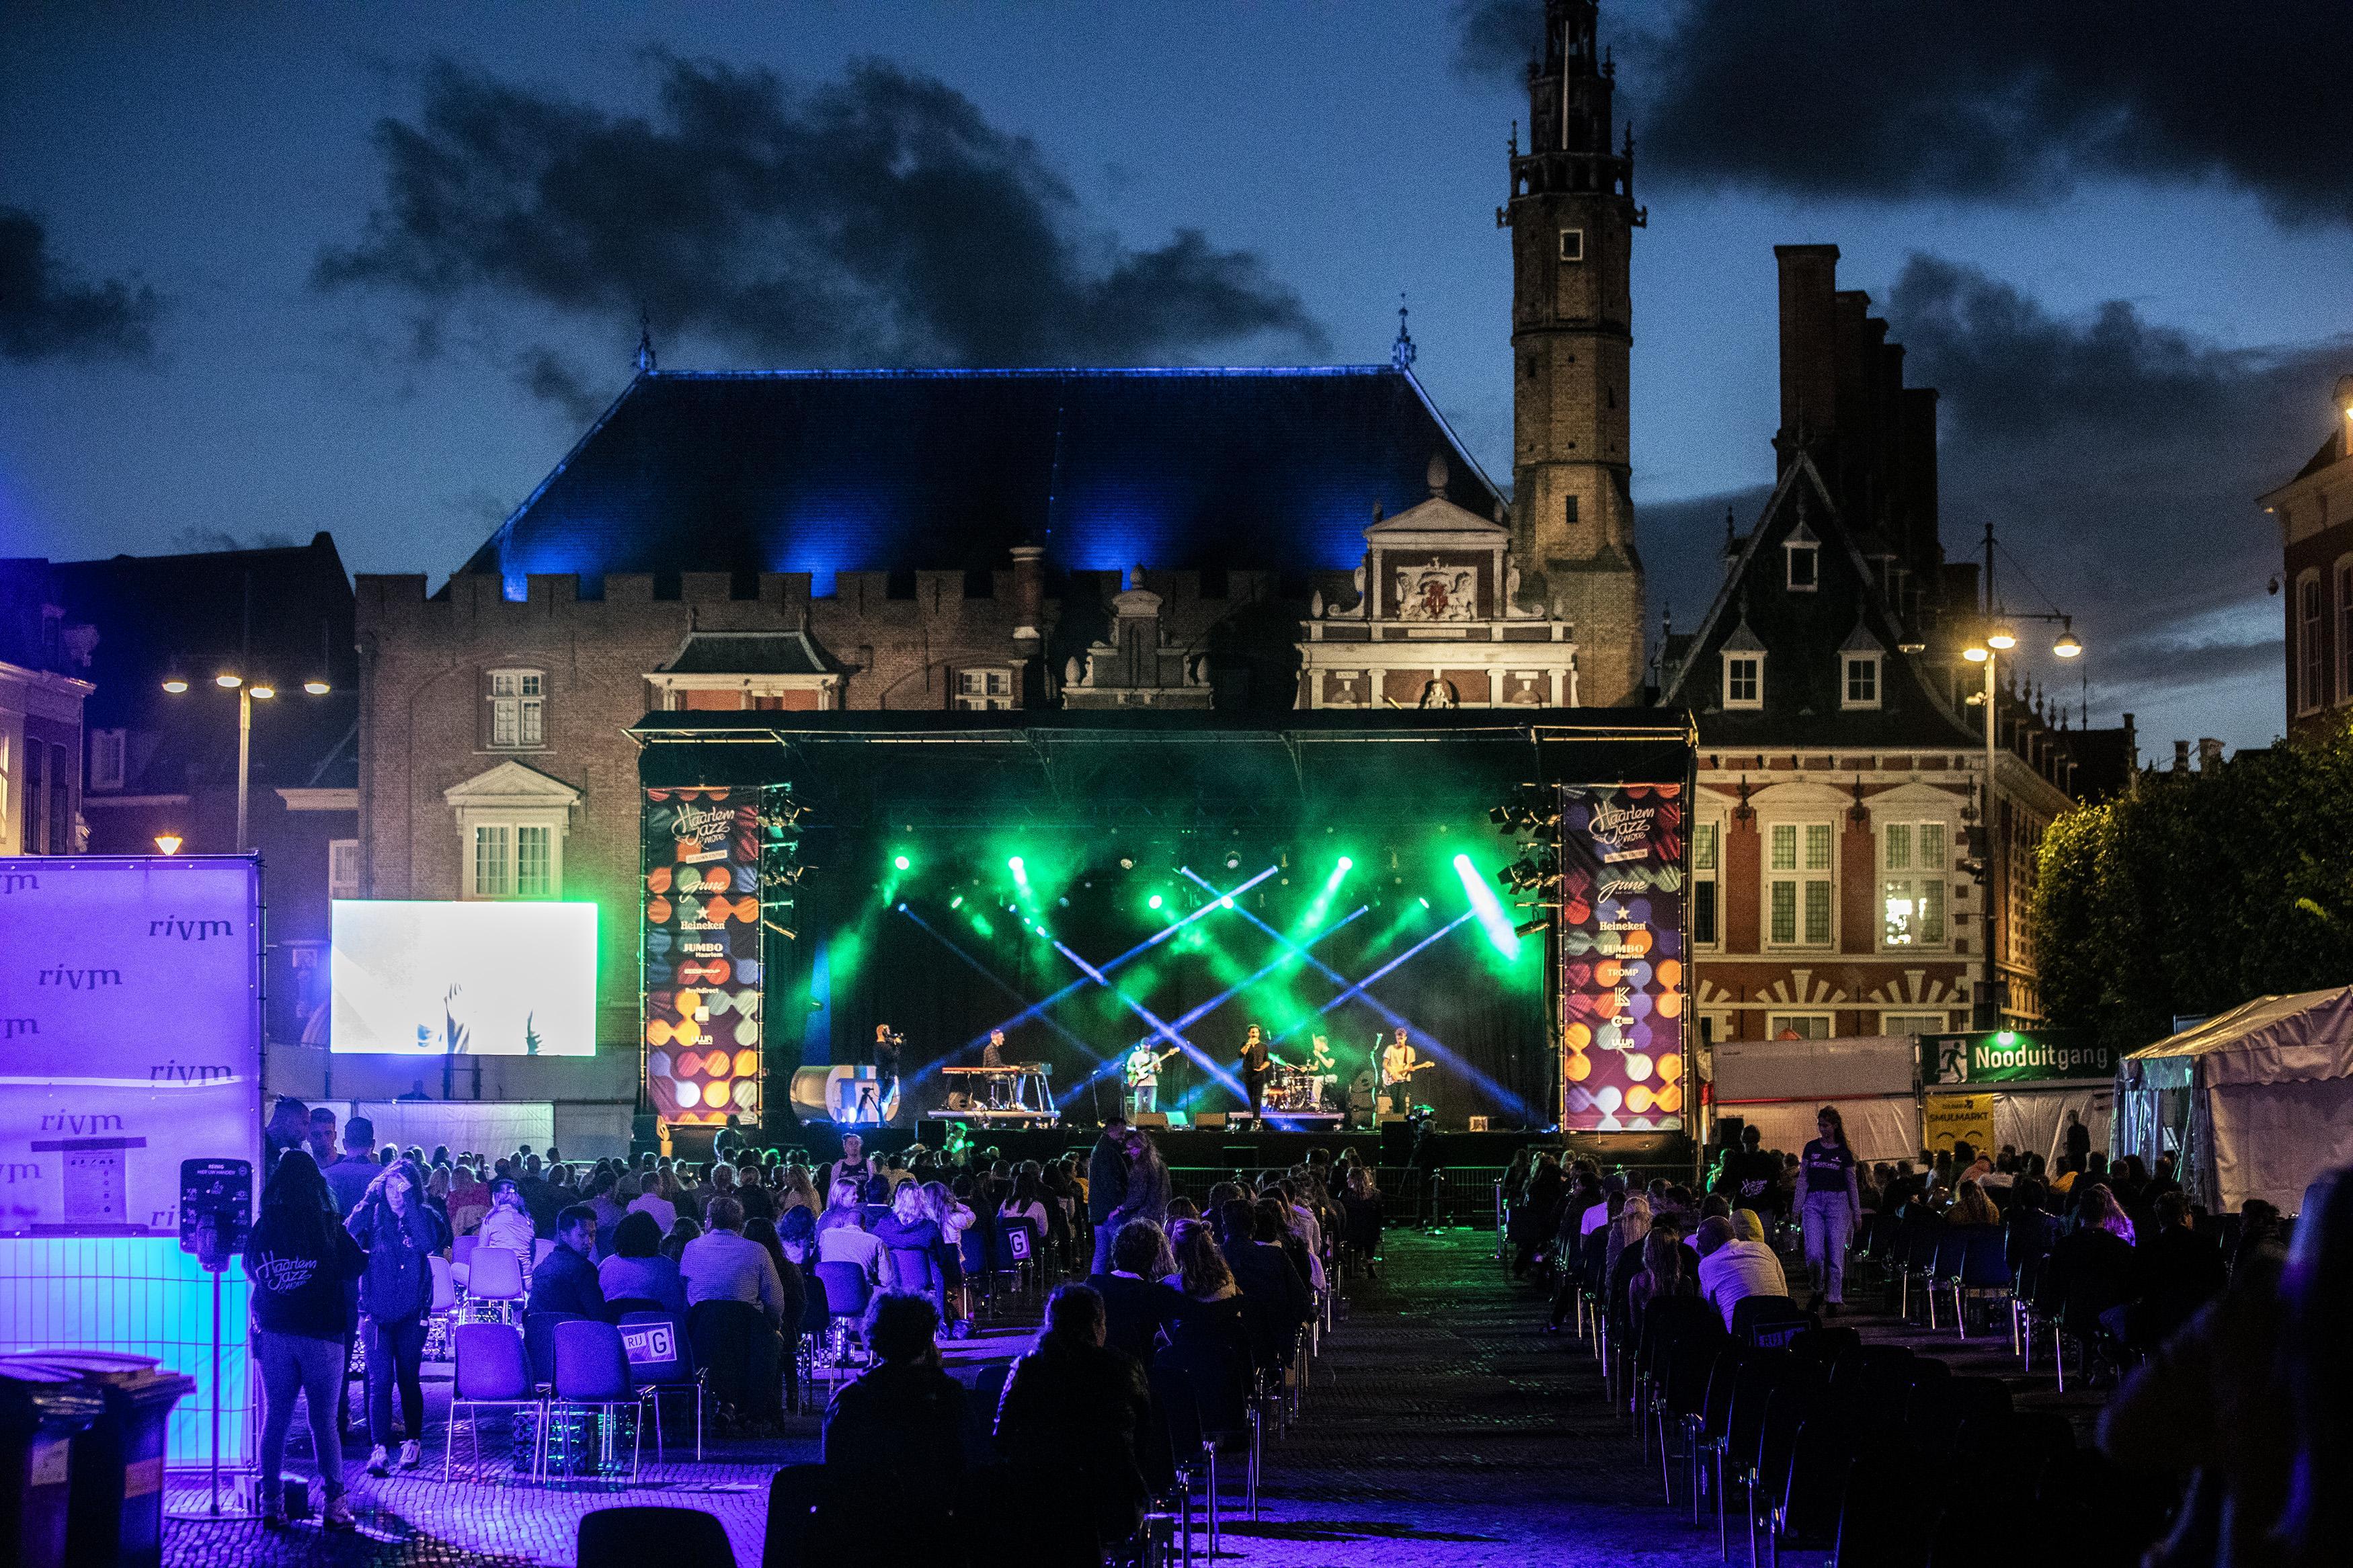 Zitplaatsen op Haarlem Jazz zijn even wennen: 'Het leek een bruiloft zonder bruidspaar' [video]